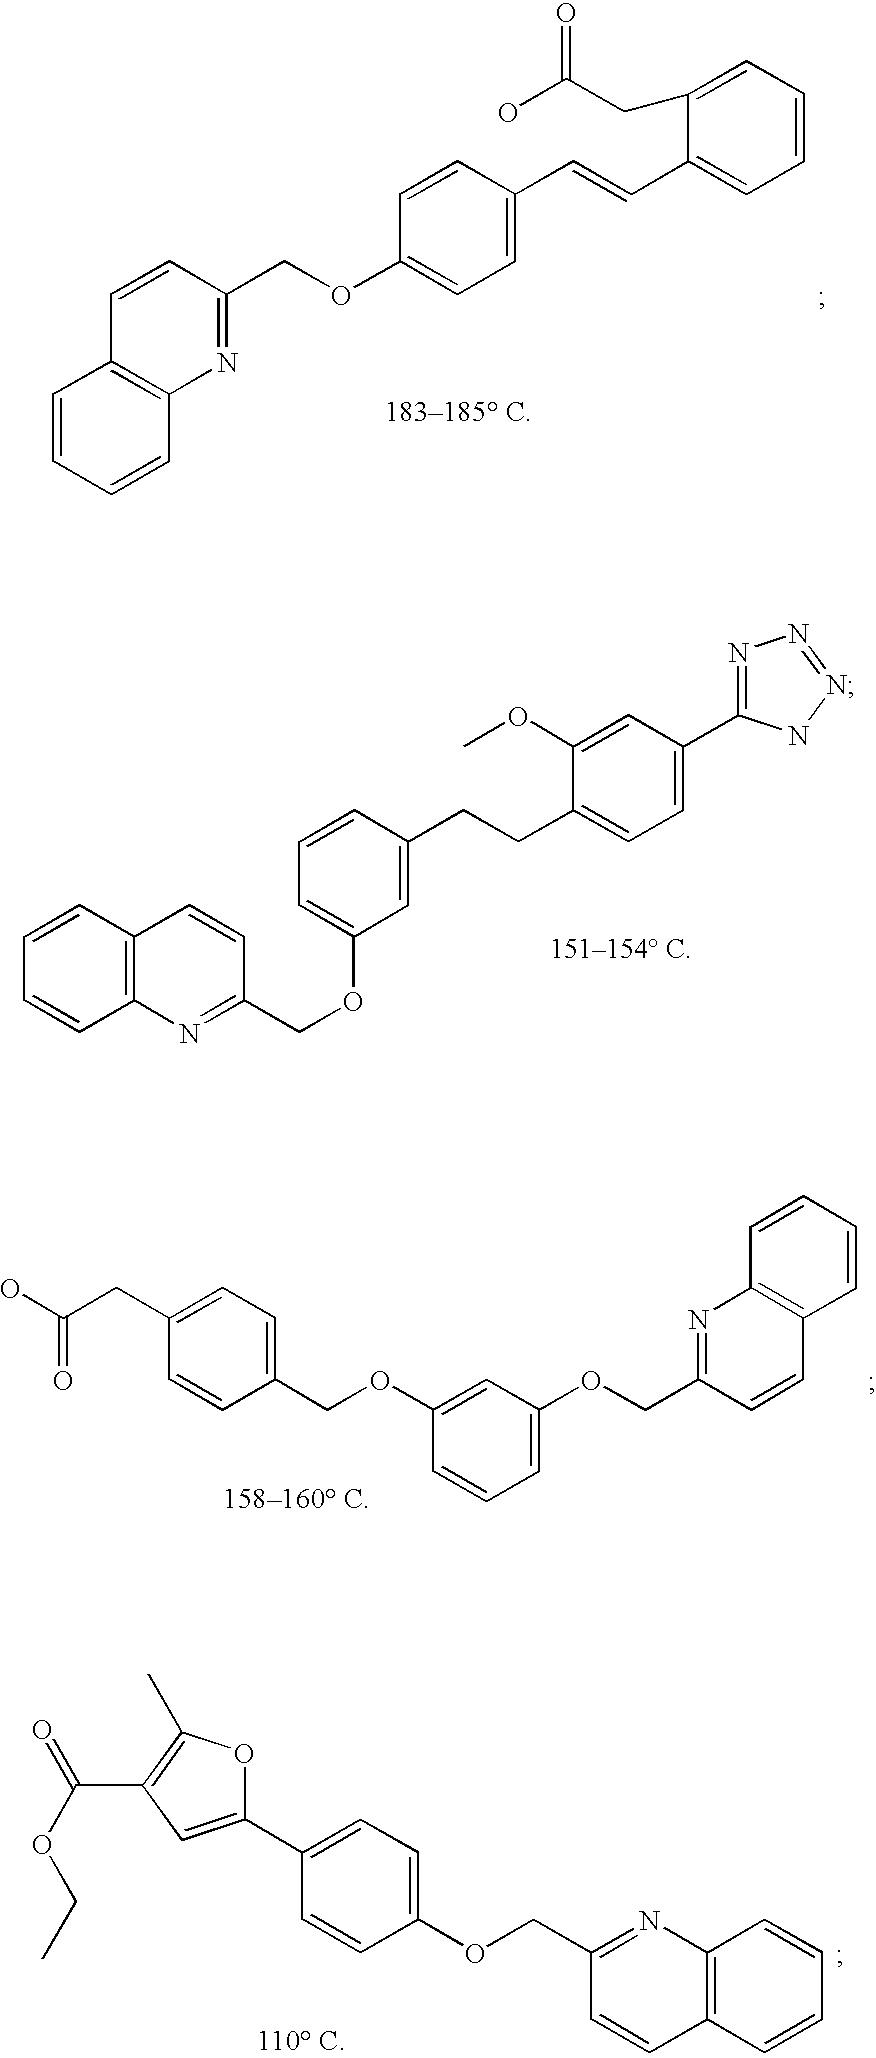 Figure US20030220373A1-20031127-C00299